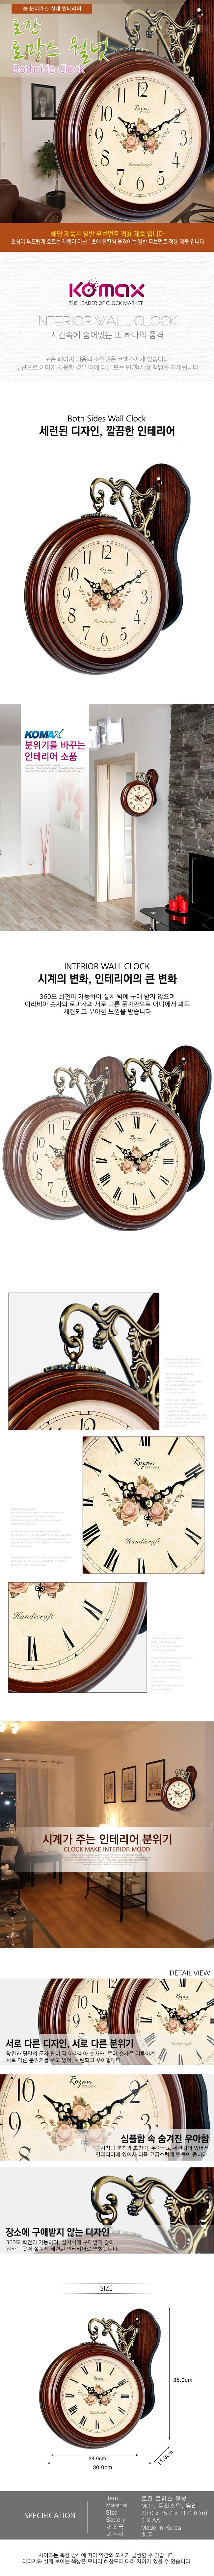 로잔 로맨스 양면벽시계 - 코맥스, 63,300원, 양면시계, 앤틱